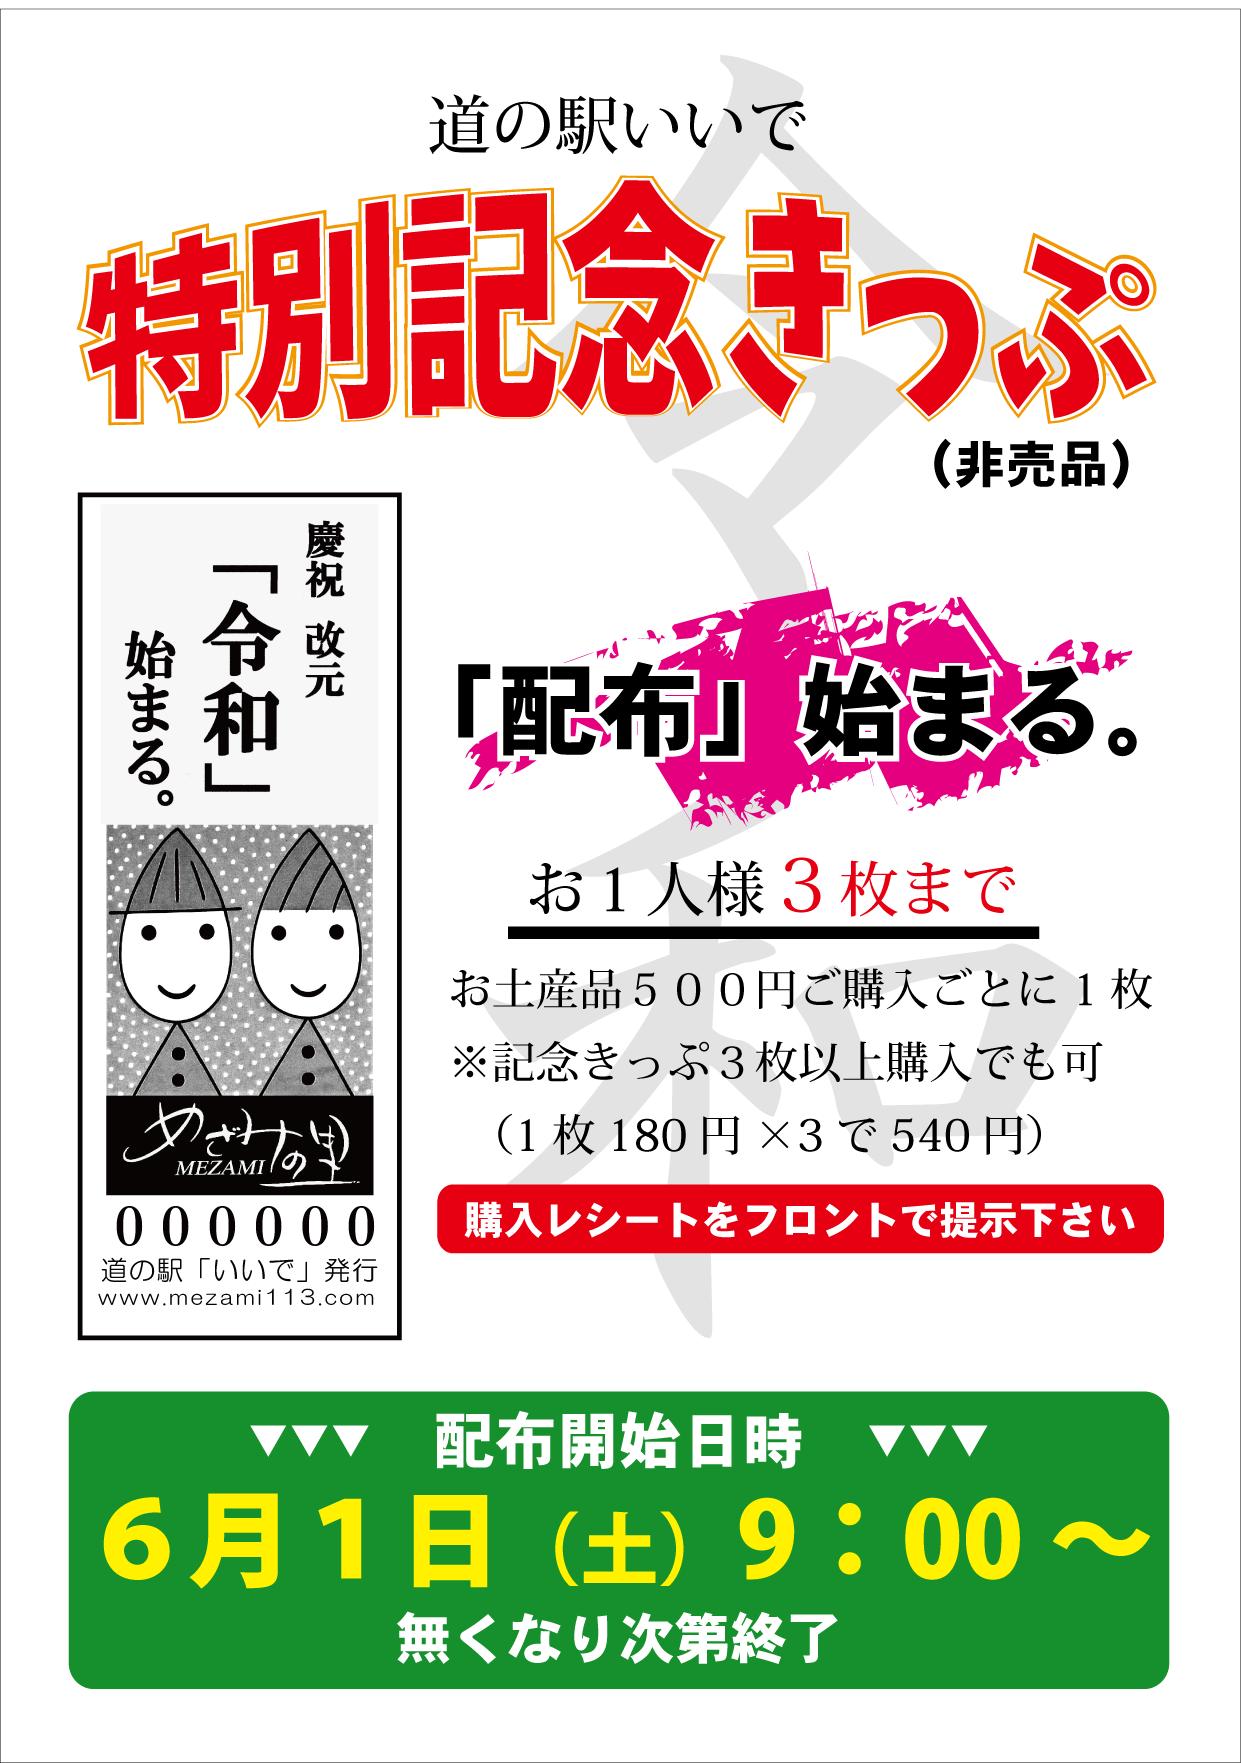 道の駅 特別記念きっぷ:画像